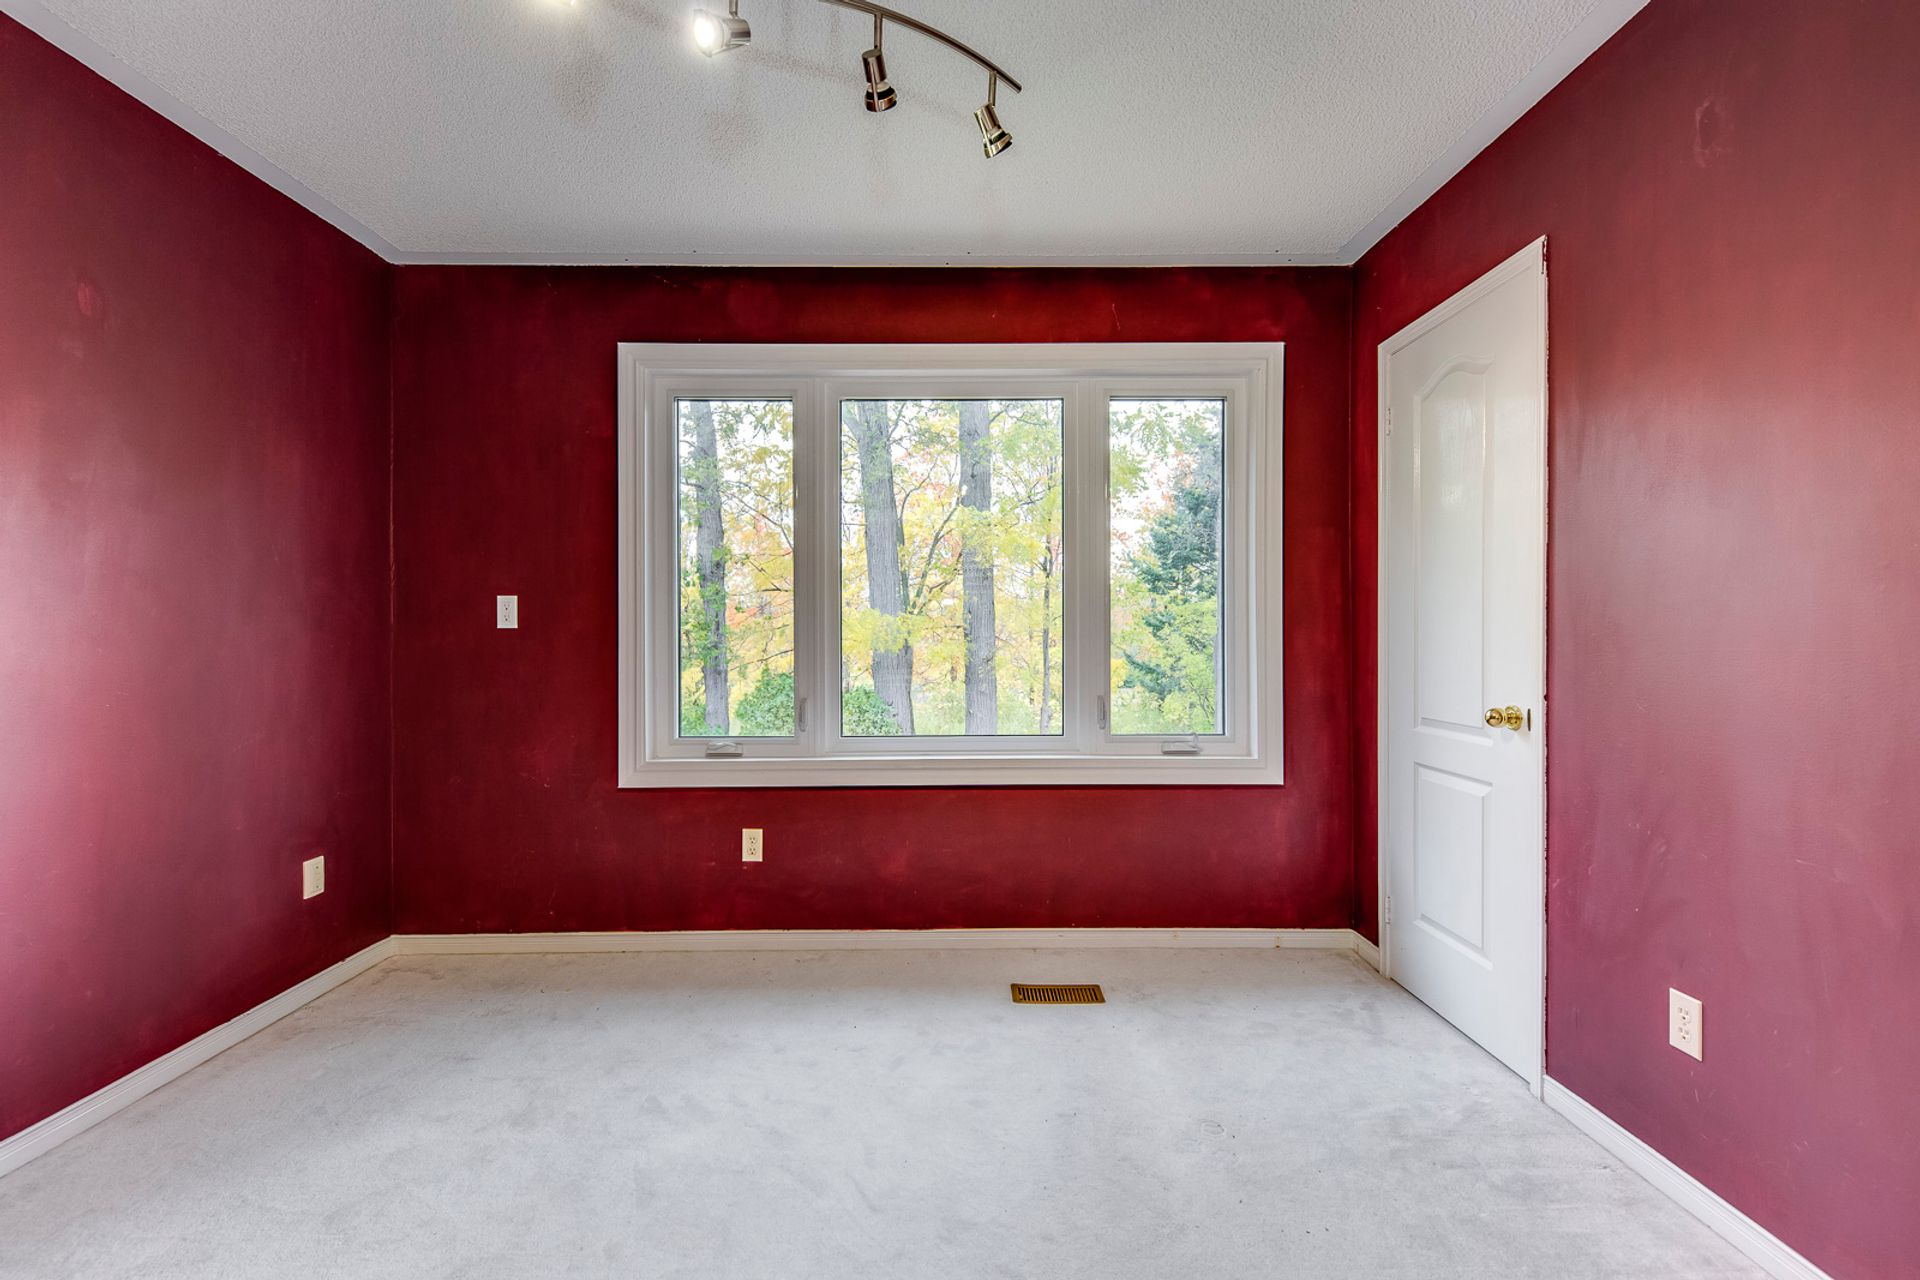 2nd Bedroom - 1522 Estes Cres, Mississauga - Elite3 & Team at 1522 Estes Crescent, East Credit, Mississauga